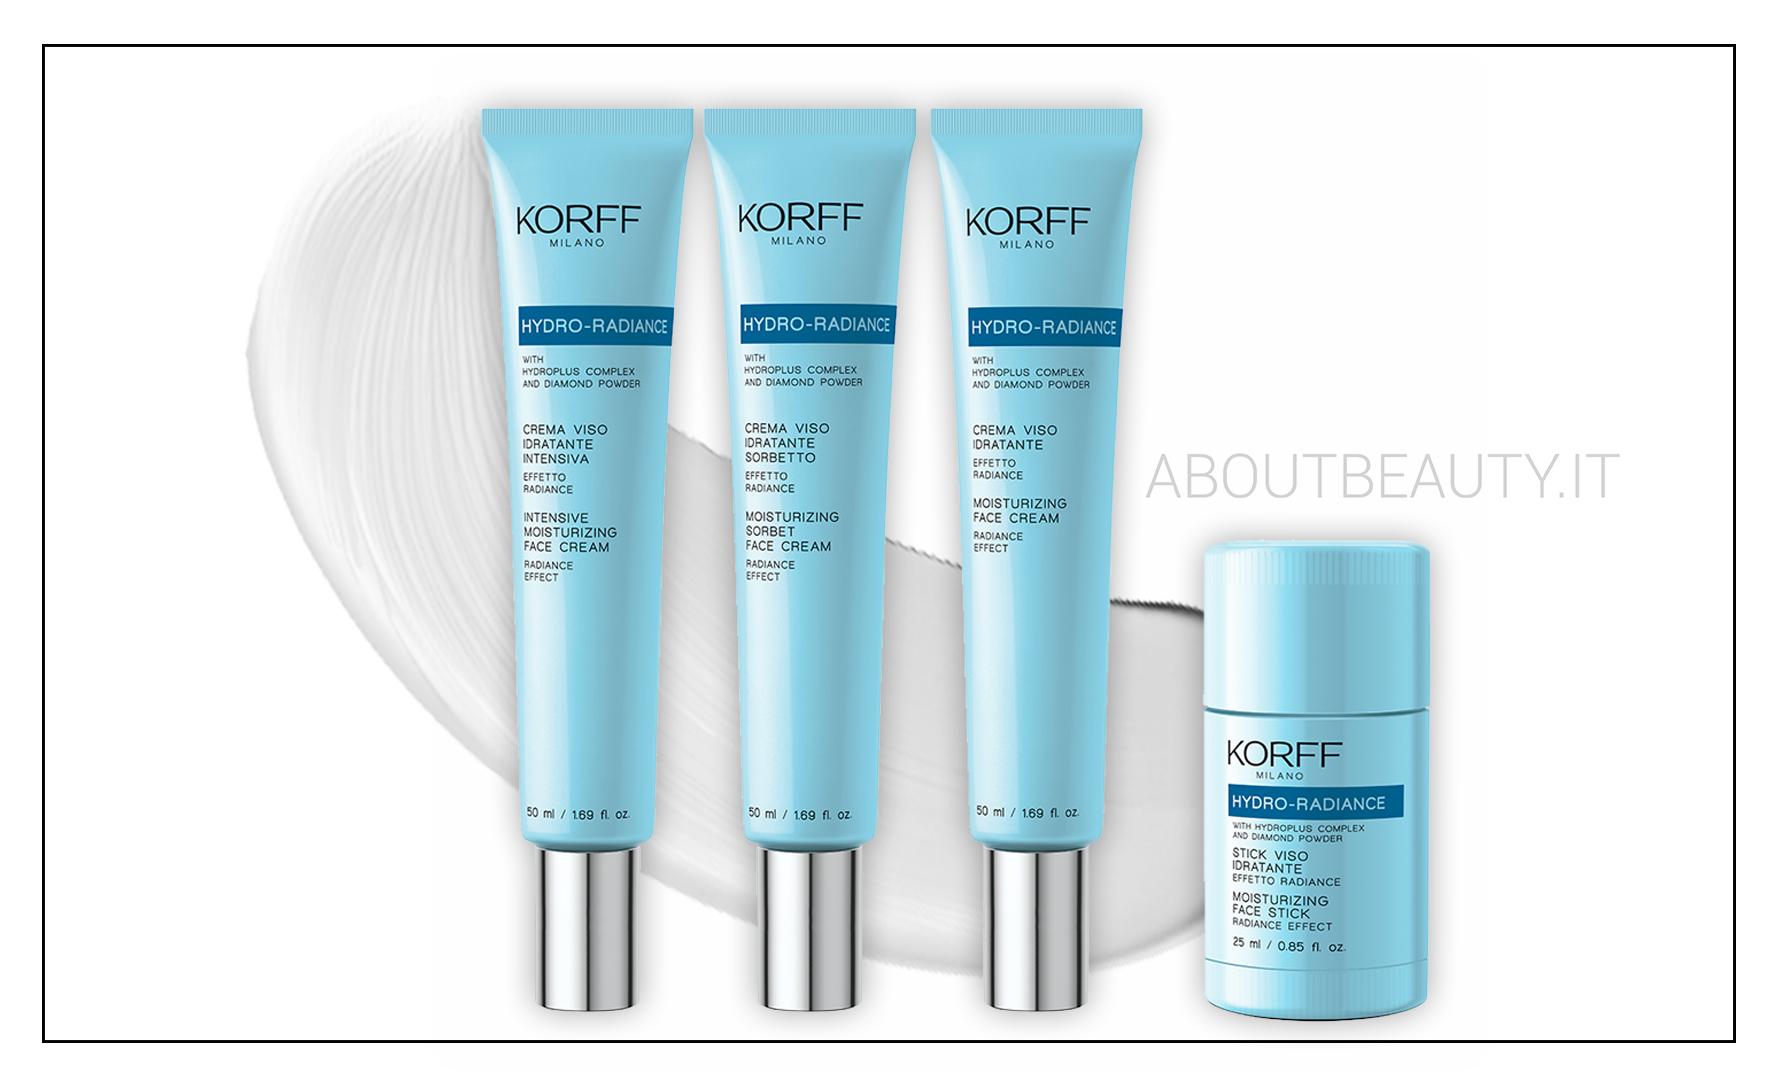 Le nuove uscite Korff 2018: la linea hydro radiance per il viso